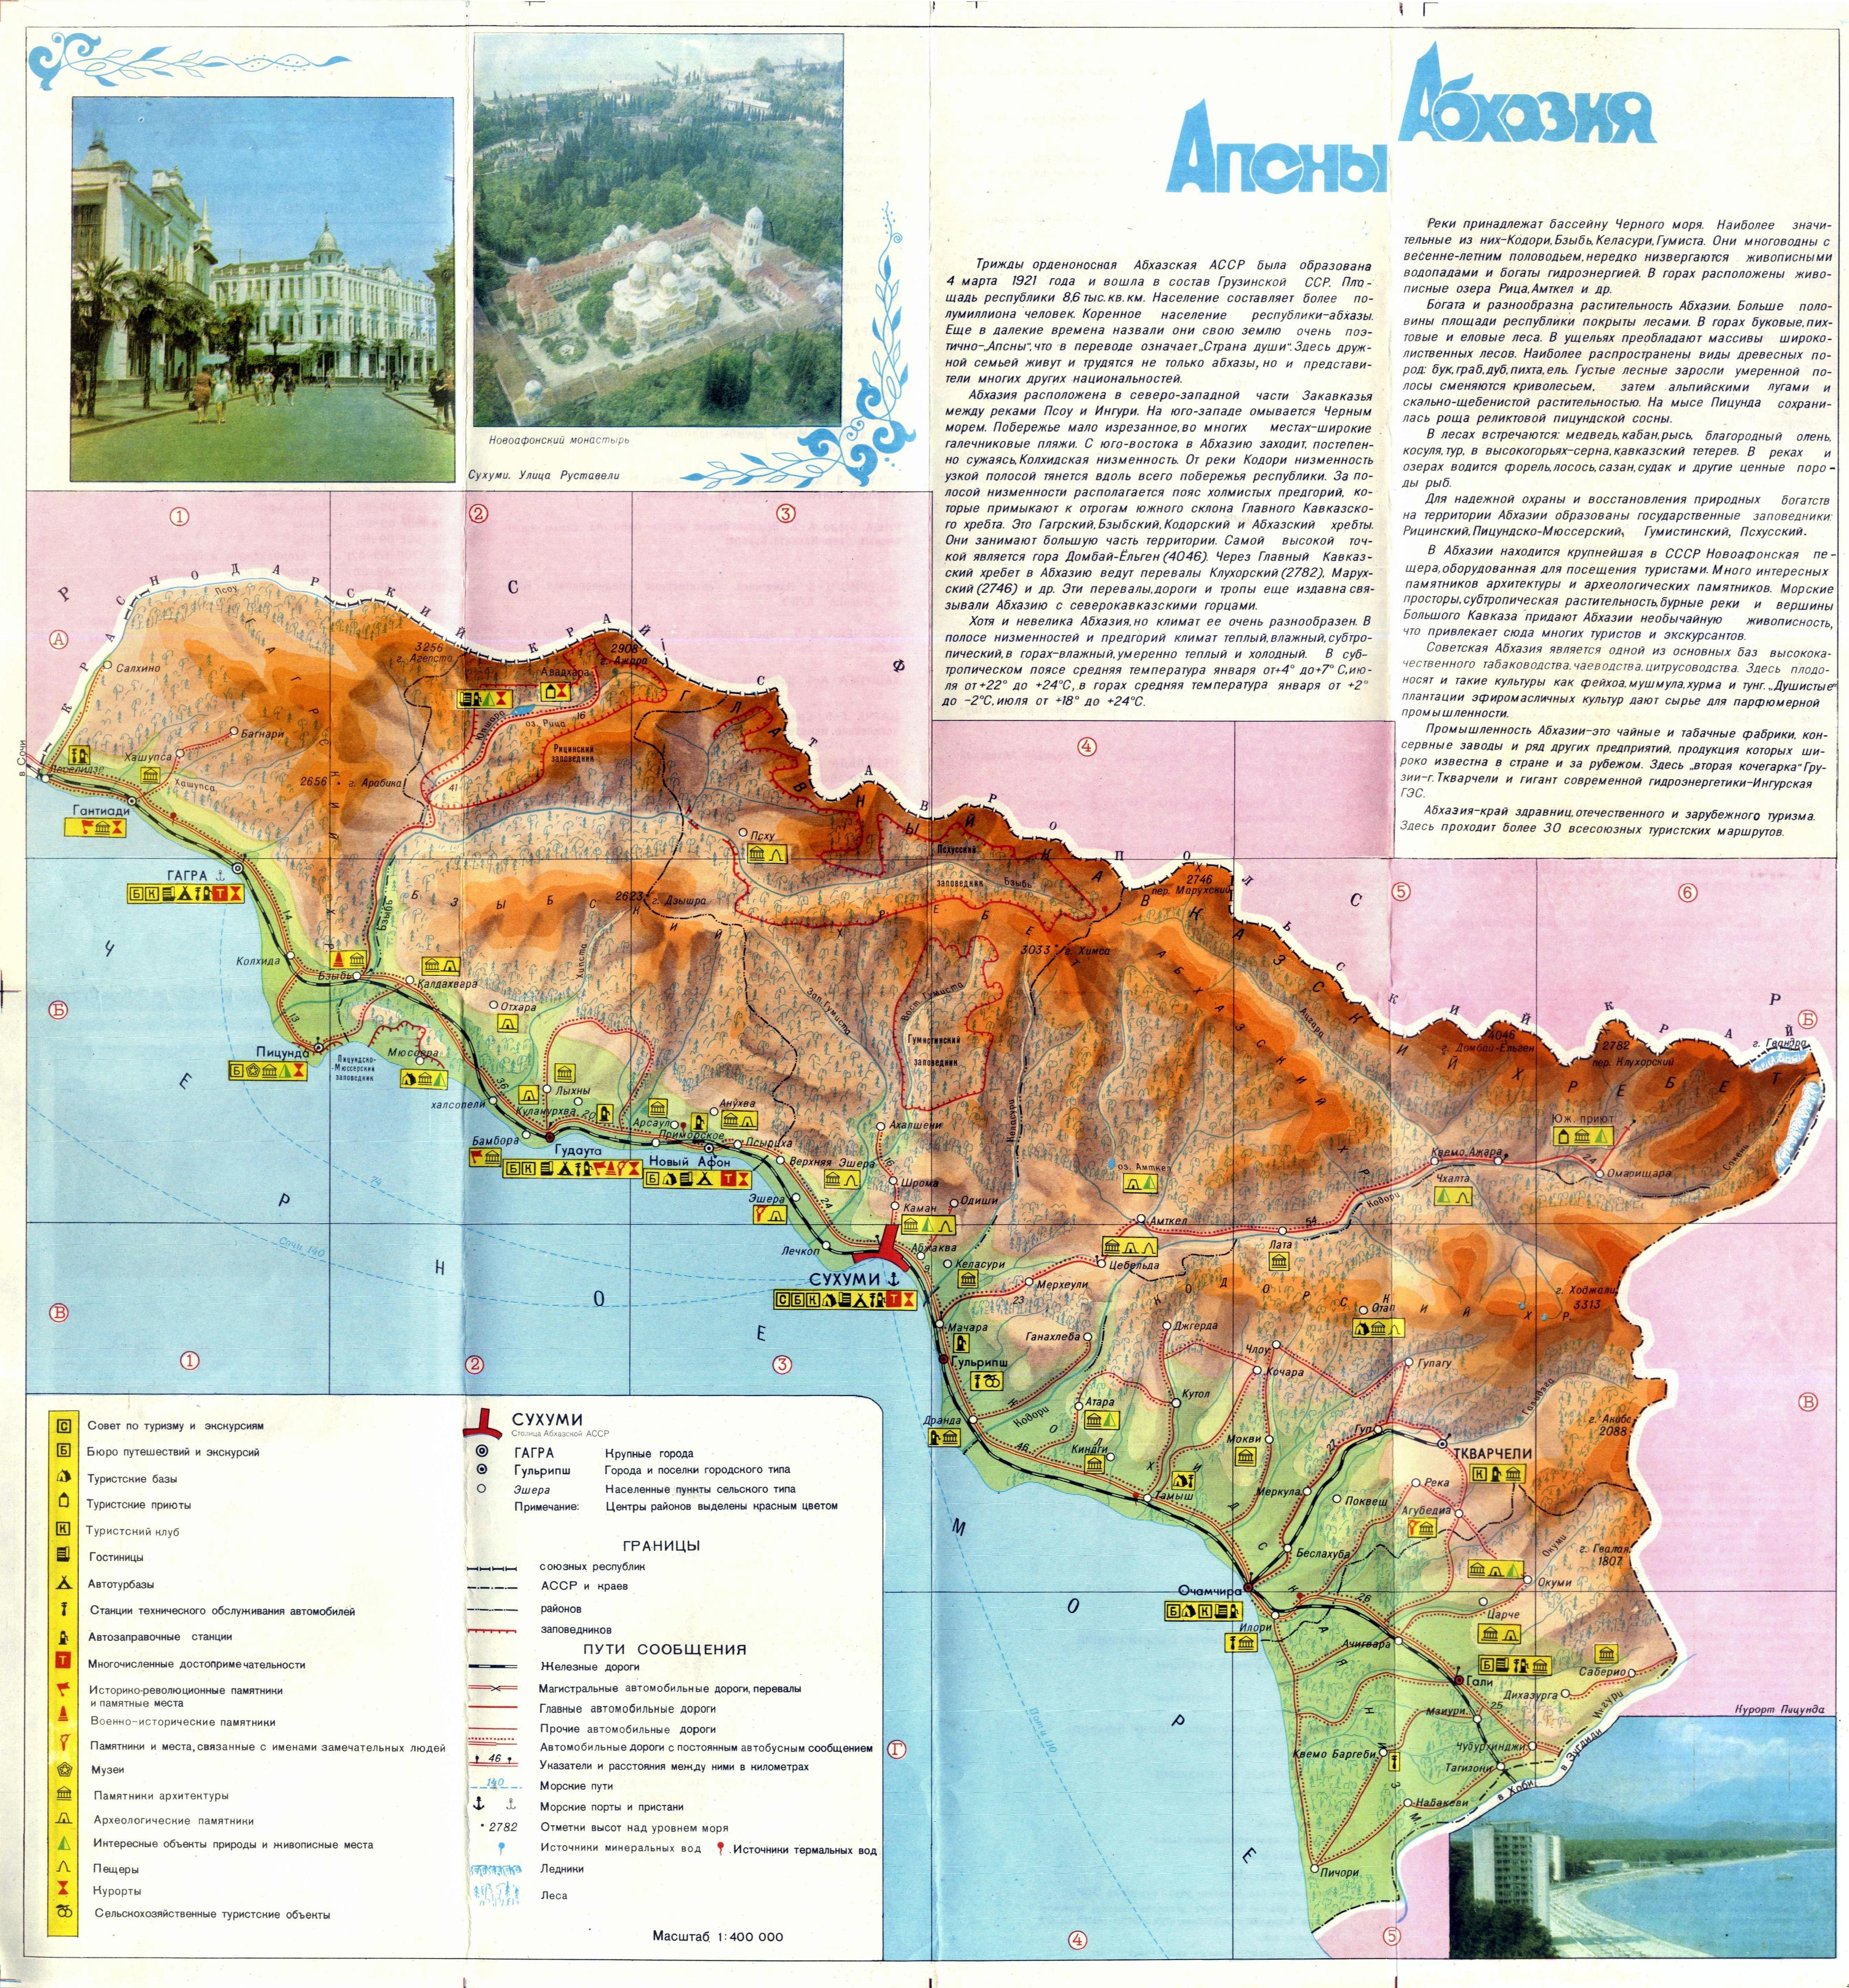 Абхазия: отдых на Черном море - обзор курортов